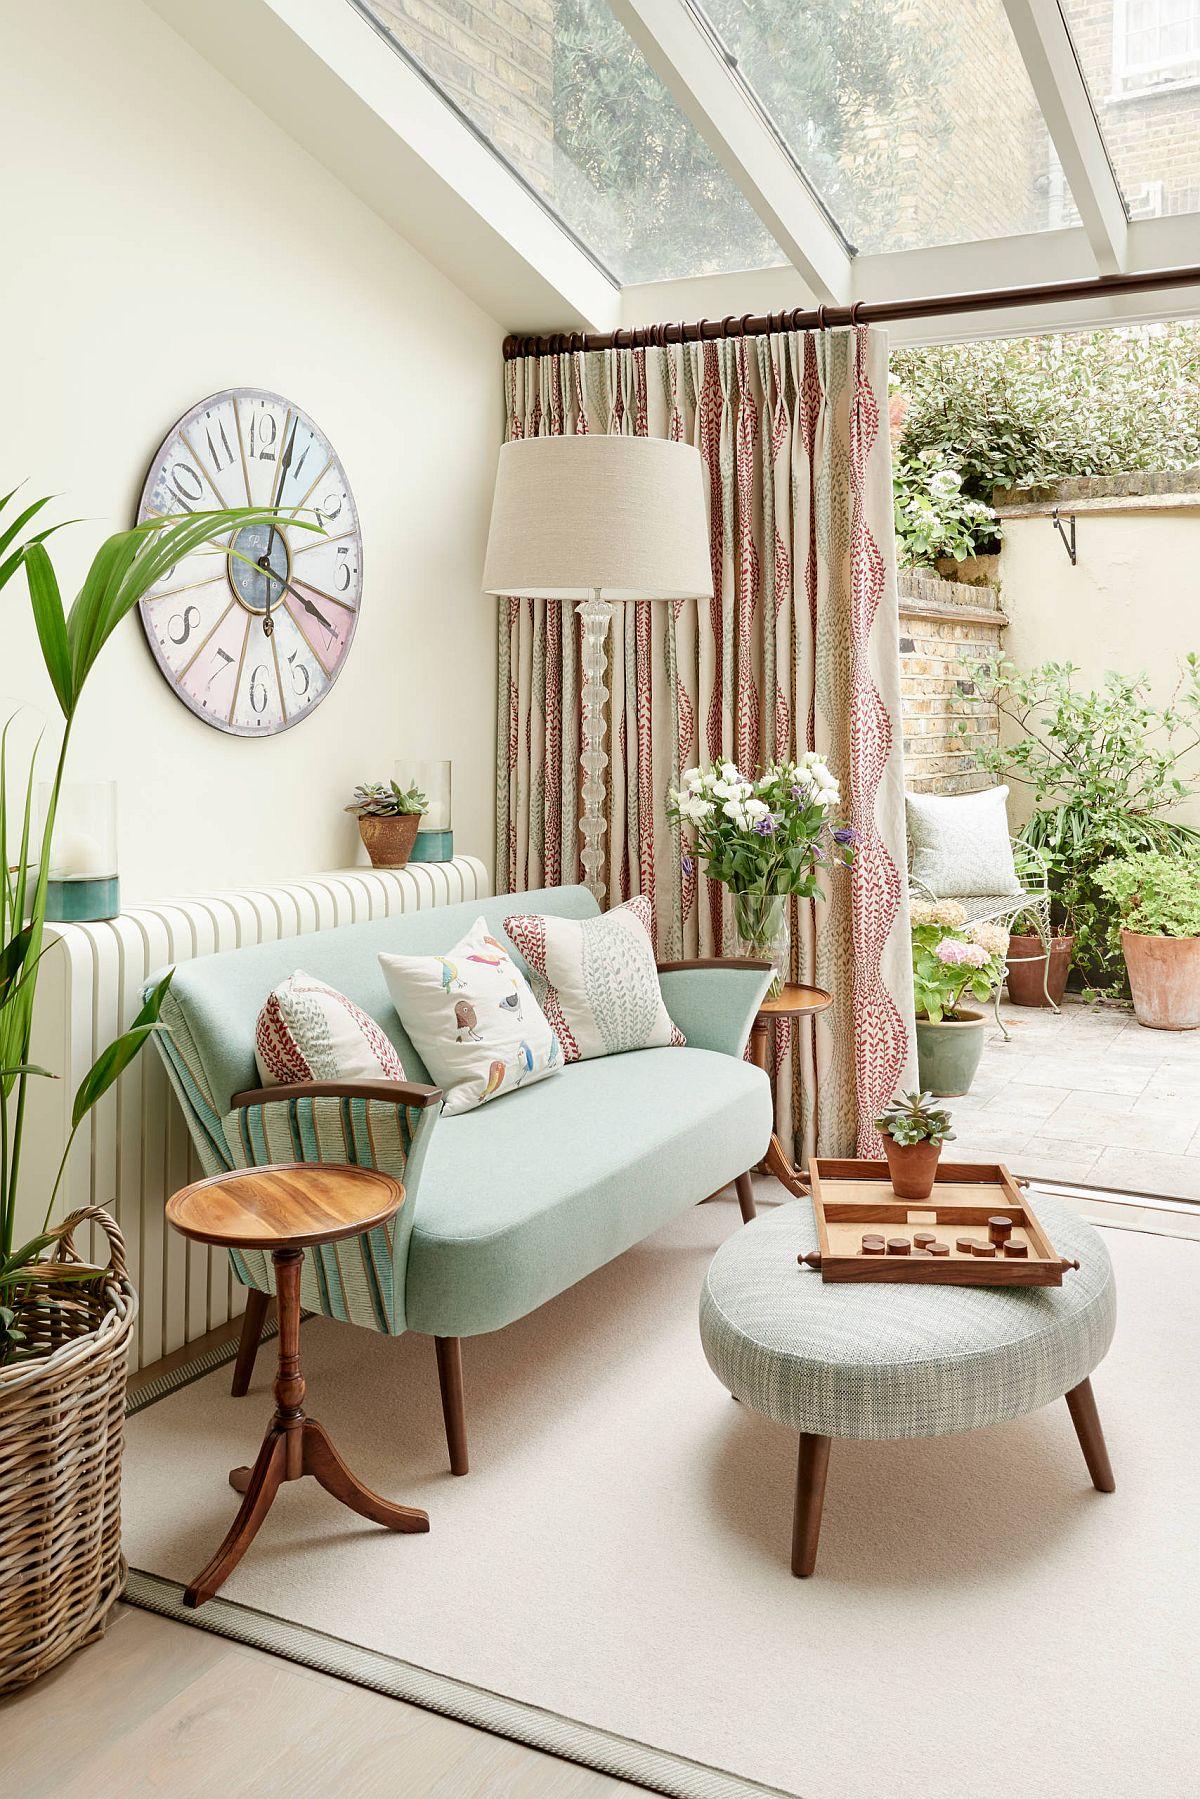 Sắc màu tạo sức sống cho căn phòng hứng nắng đón mùa hè - Ảnh 10.